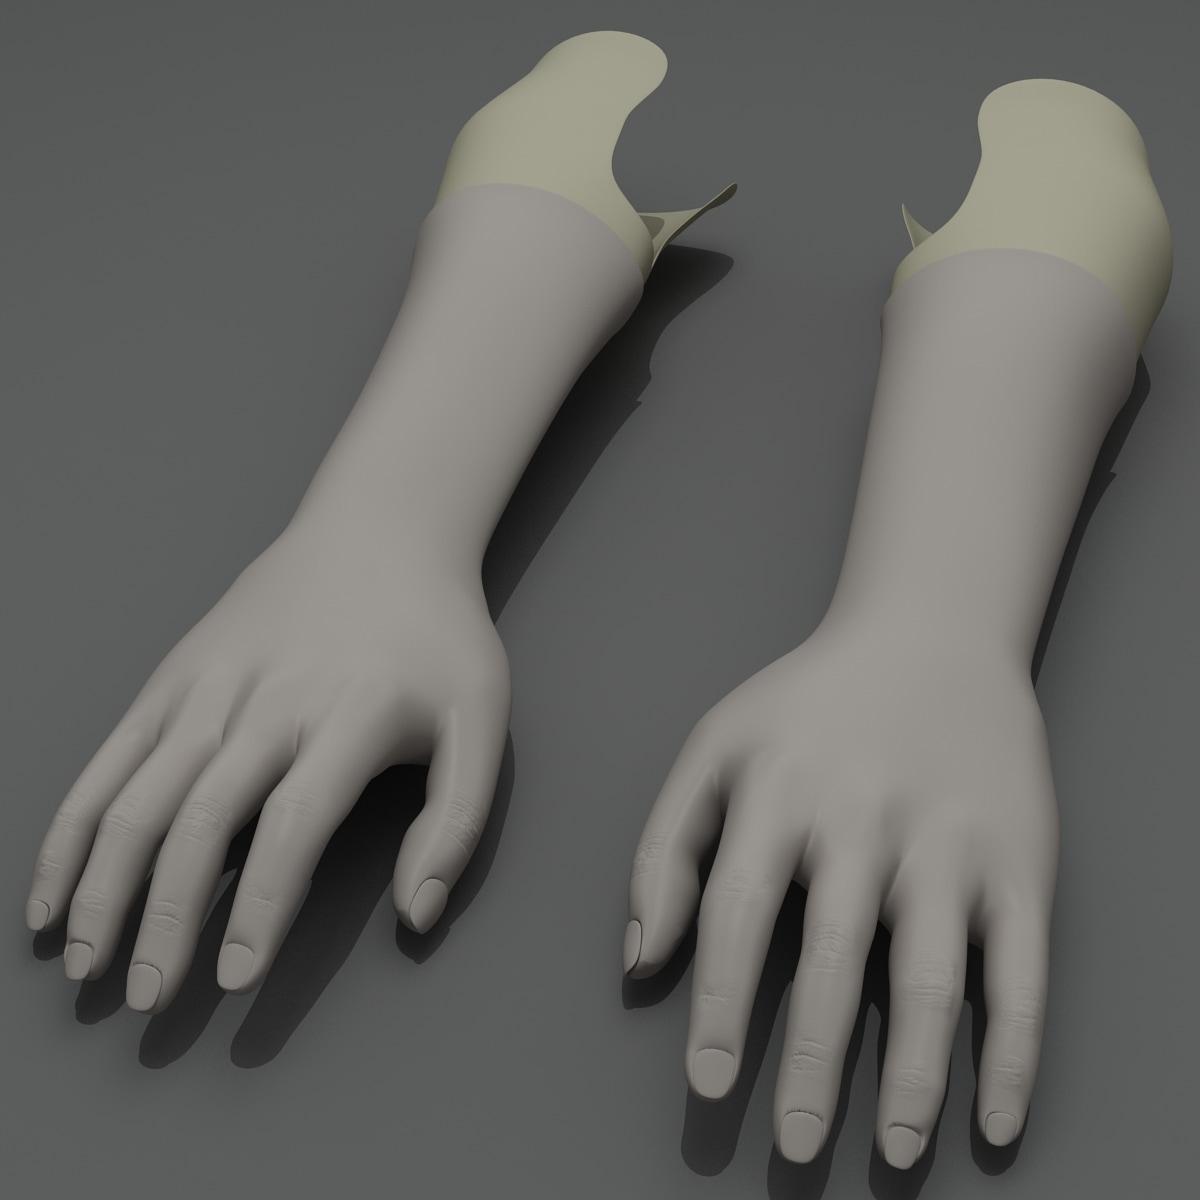 Prosthetic_Hands_002.jpg